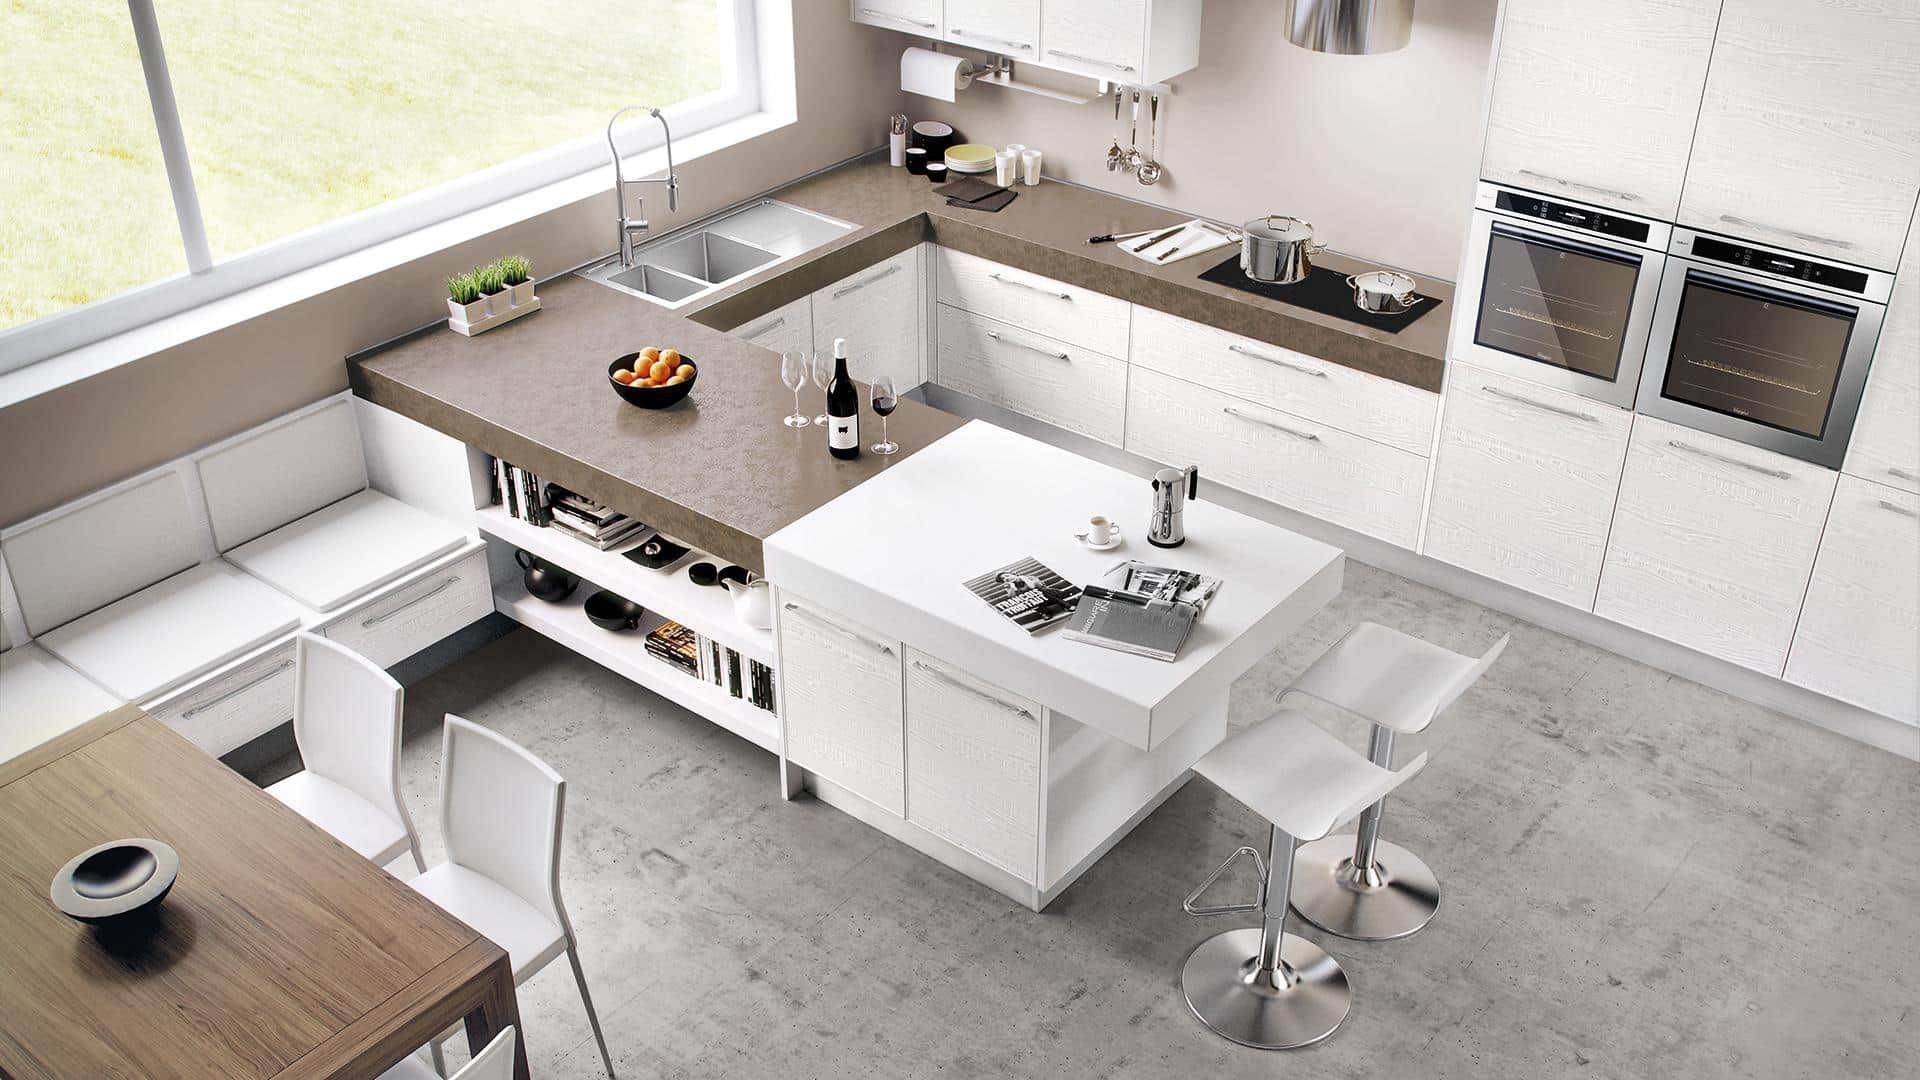 Progettazione Cucine Moderne Cucine Classiche In Muratura Cucine Lineari O Con Penisola Ampio Show Room Arredo Interni Cucina Cucine Moderne Design Cucine